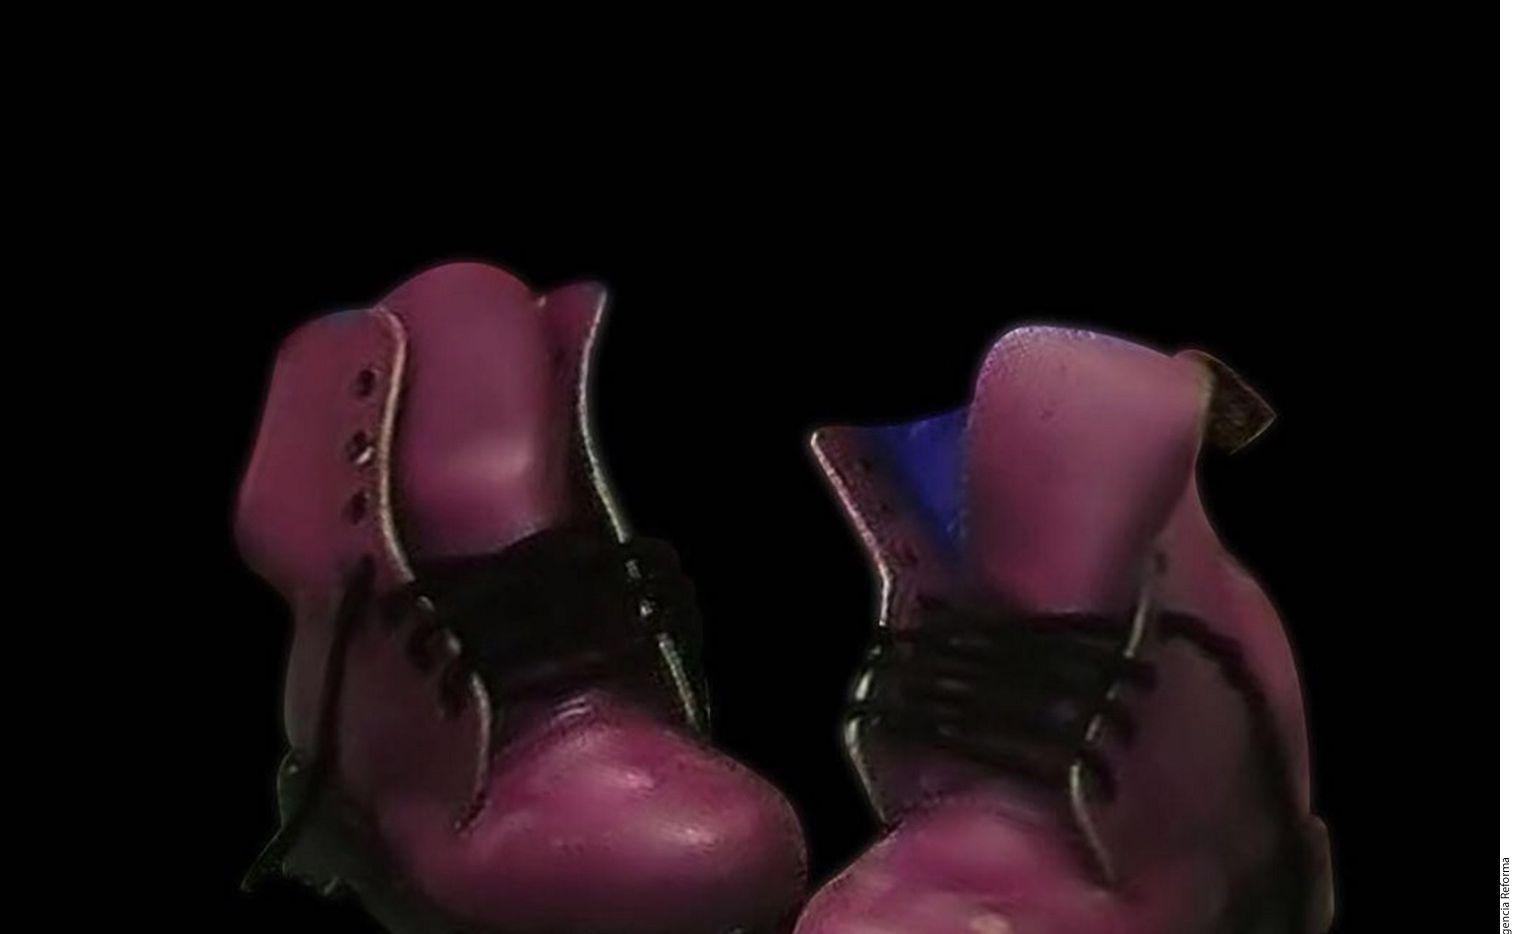 La cantante Alejandra Guzmán compartió la imagen de unos zapatos viejos. / AGENCIA REFORMA